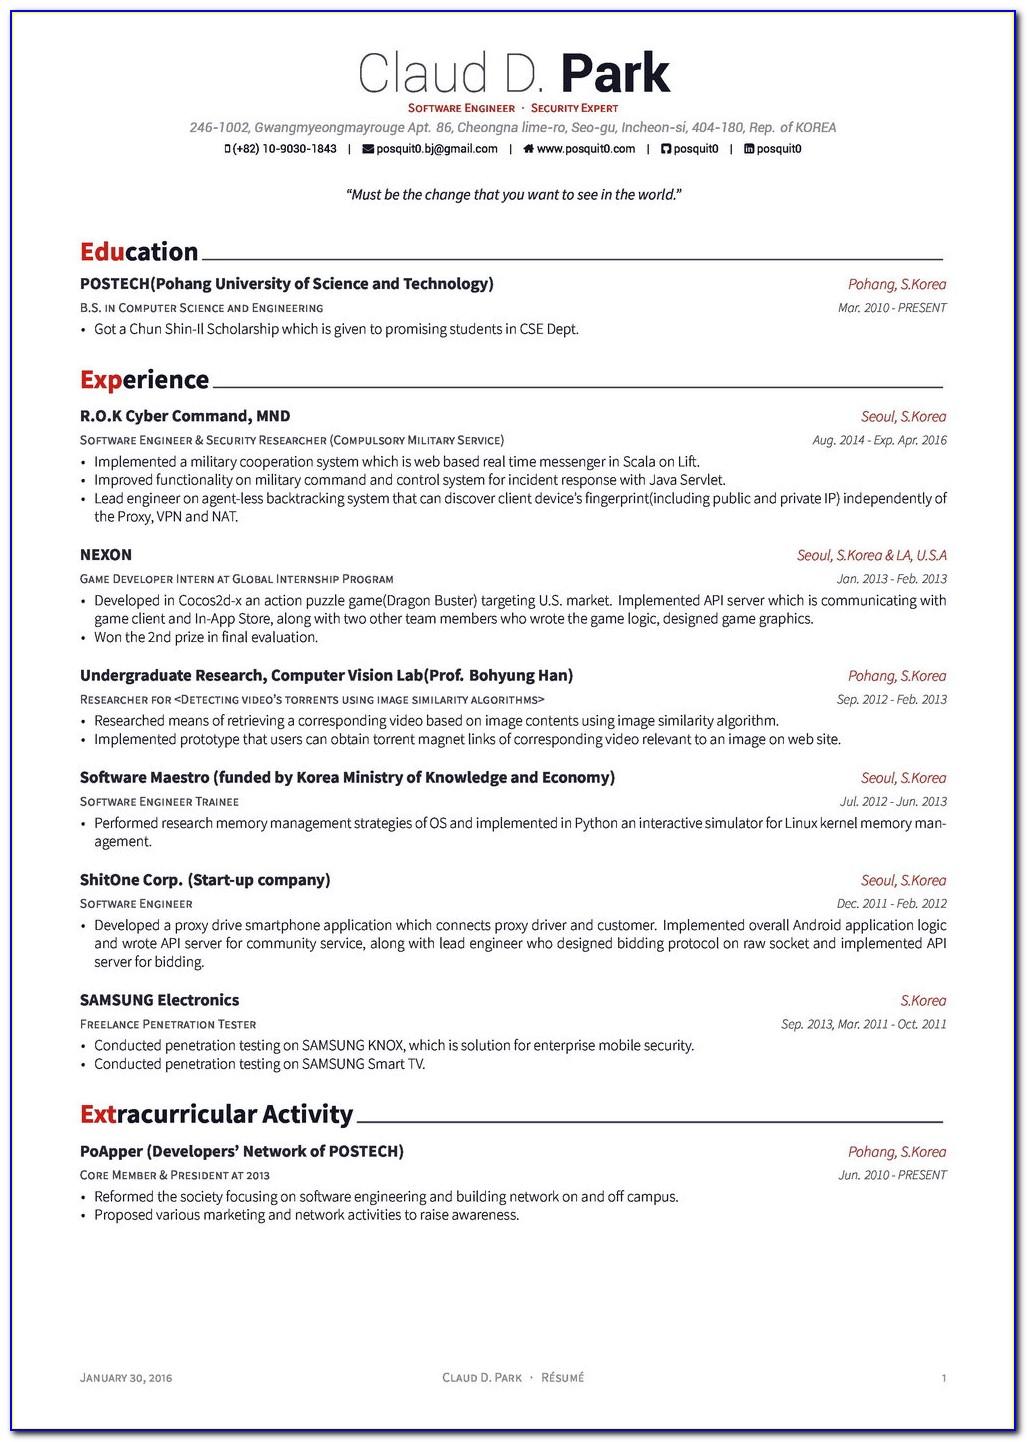 Best Resume Building Website